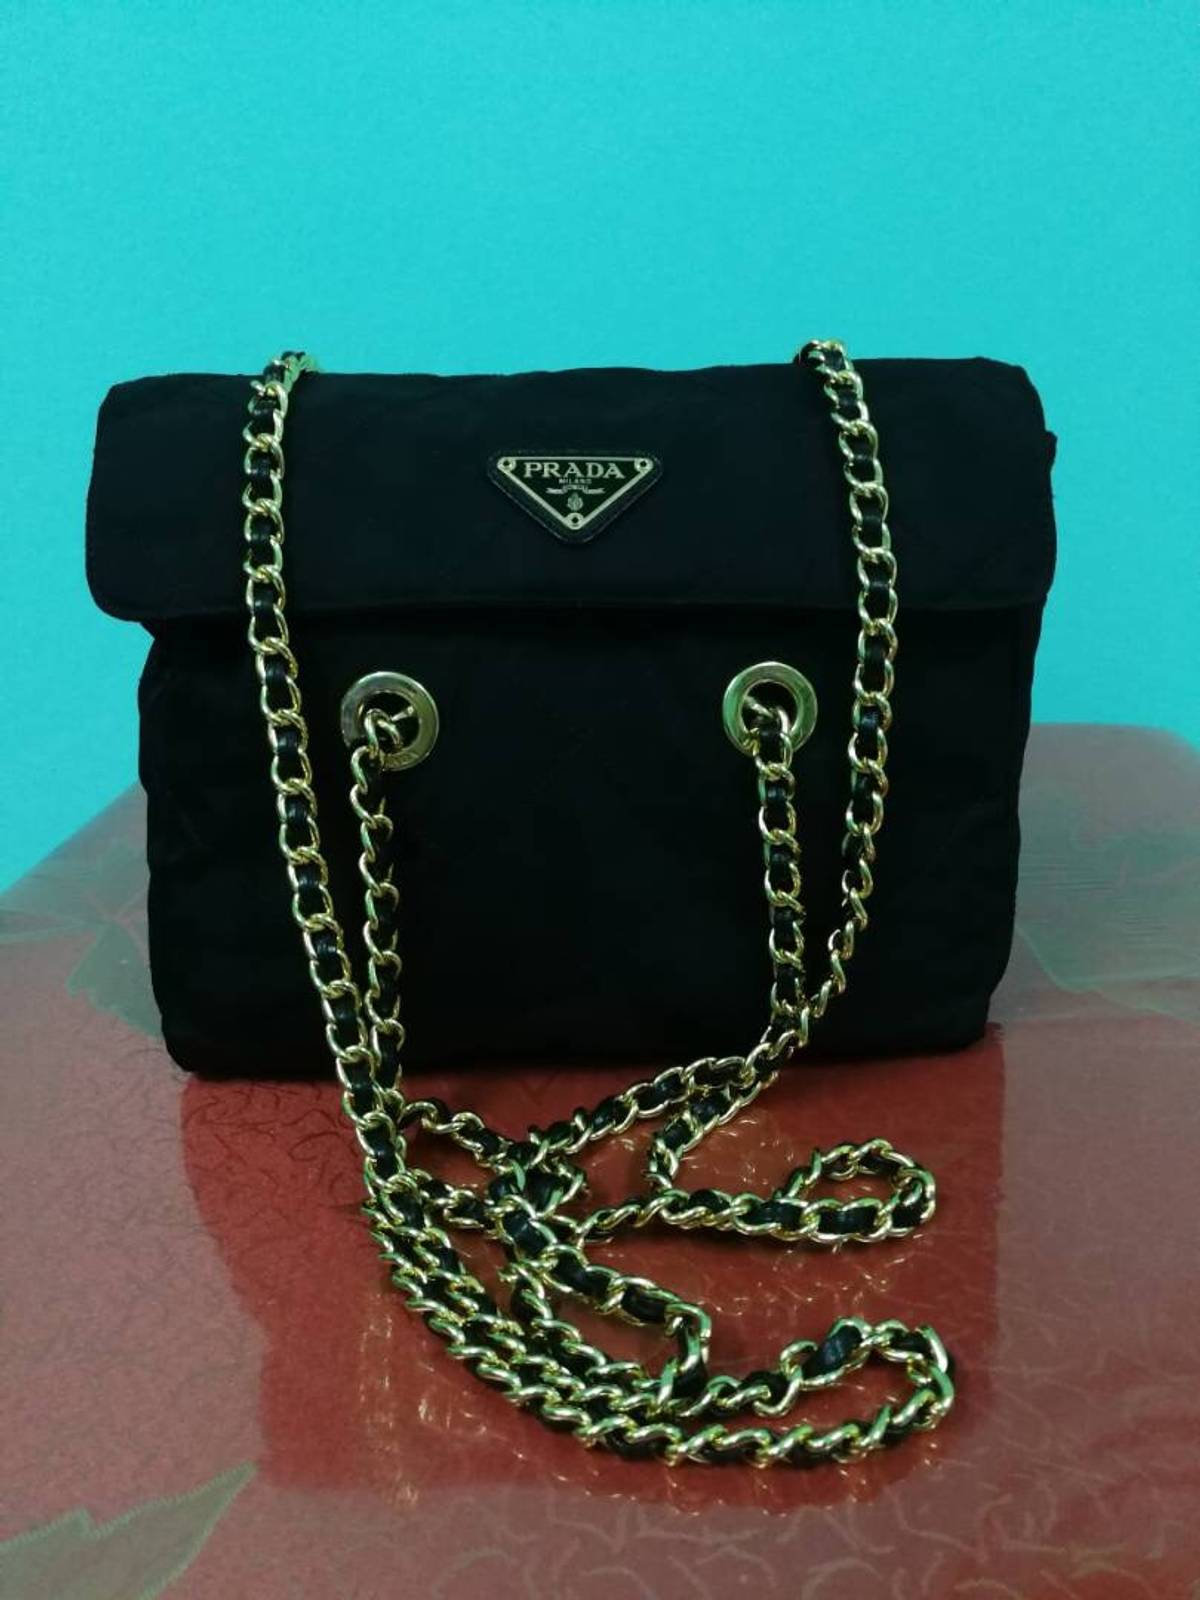 5065a74b5bd9 Prada Black Tessuto Gold Chain Shoulder Bag B1467